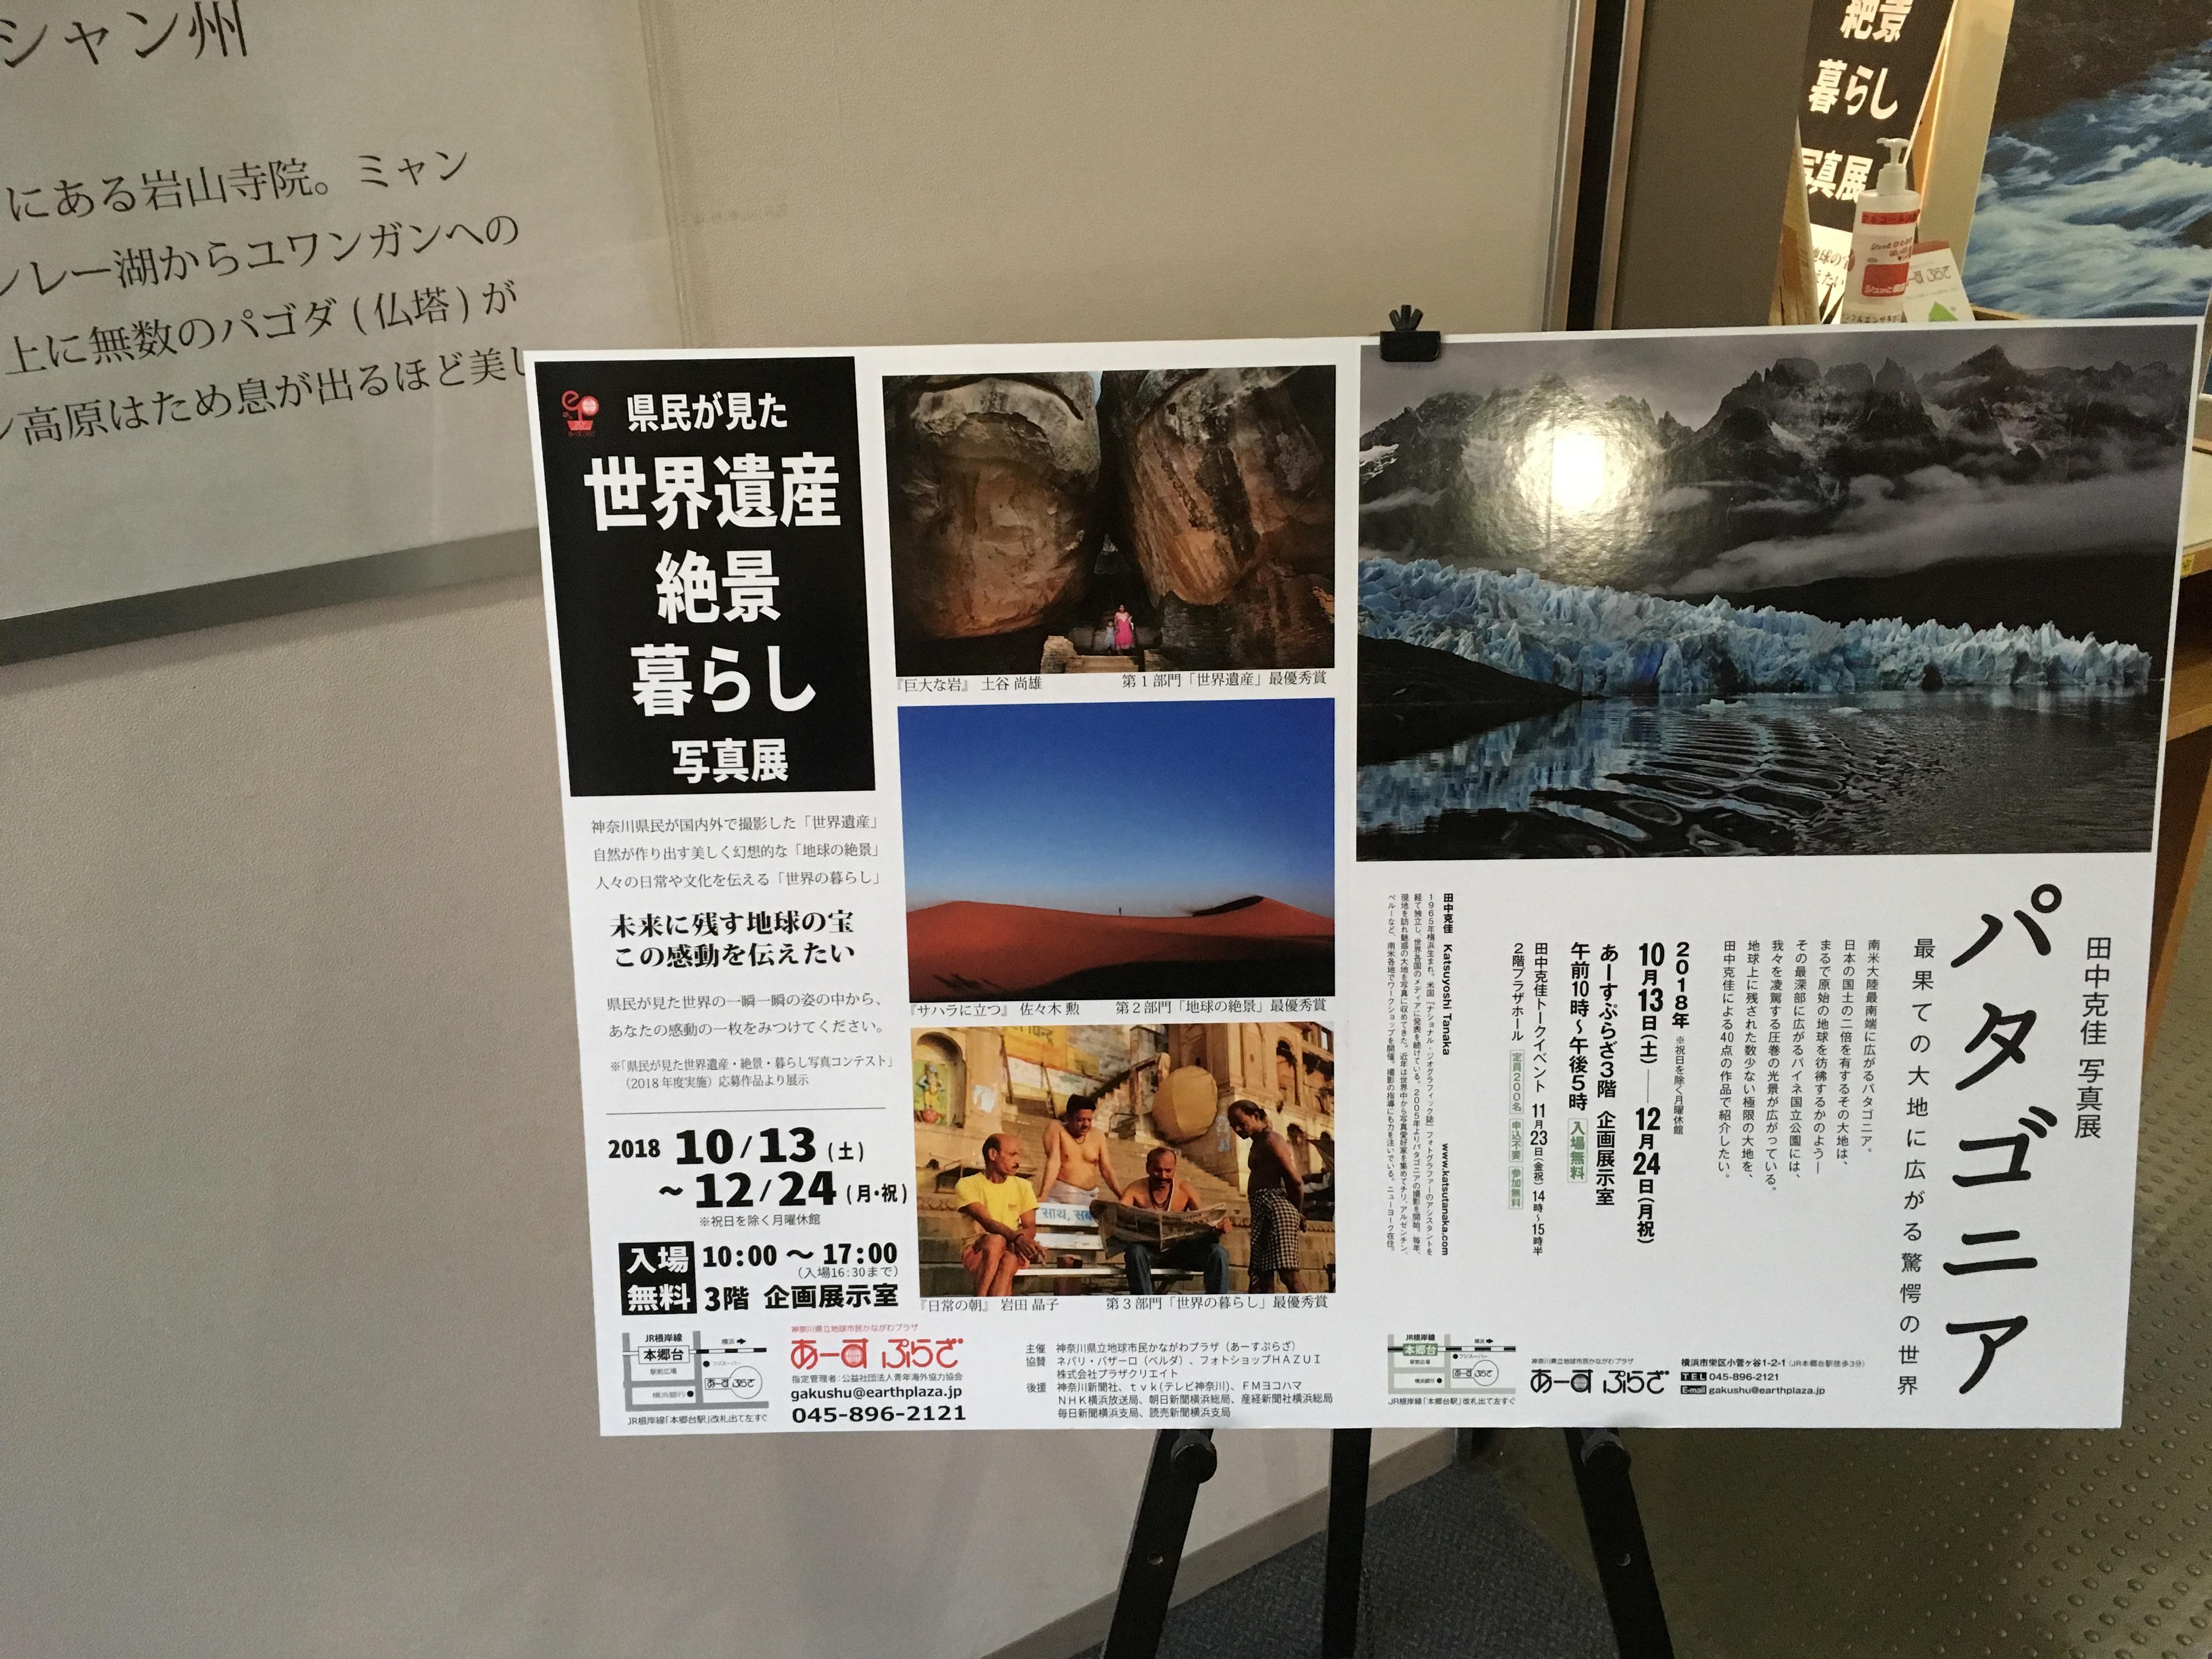 本郷台にあるあーすぷらざでやっている、田中克佳 写真展「パタゴニア―最果ての大地に広がる驚愕の世界」を見てきた。